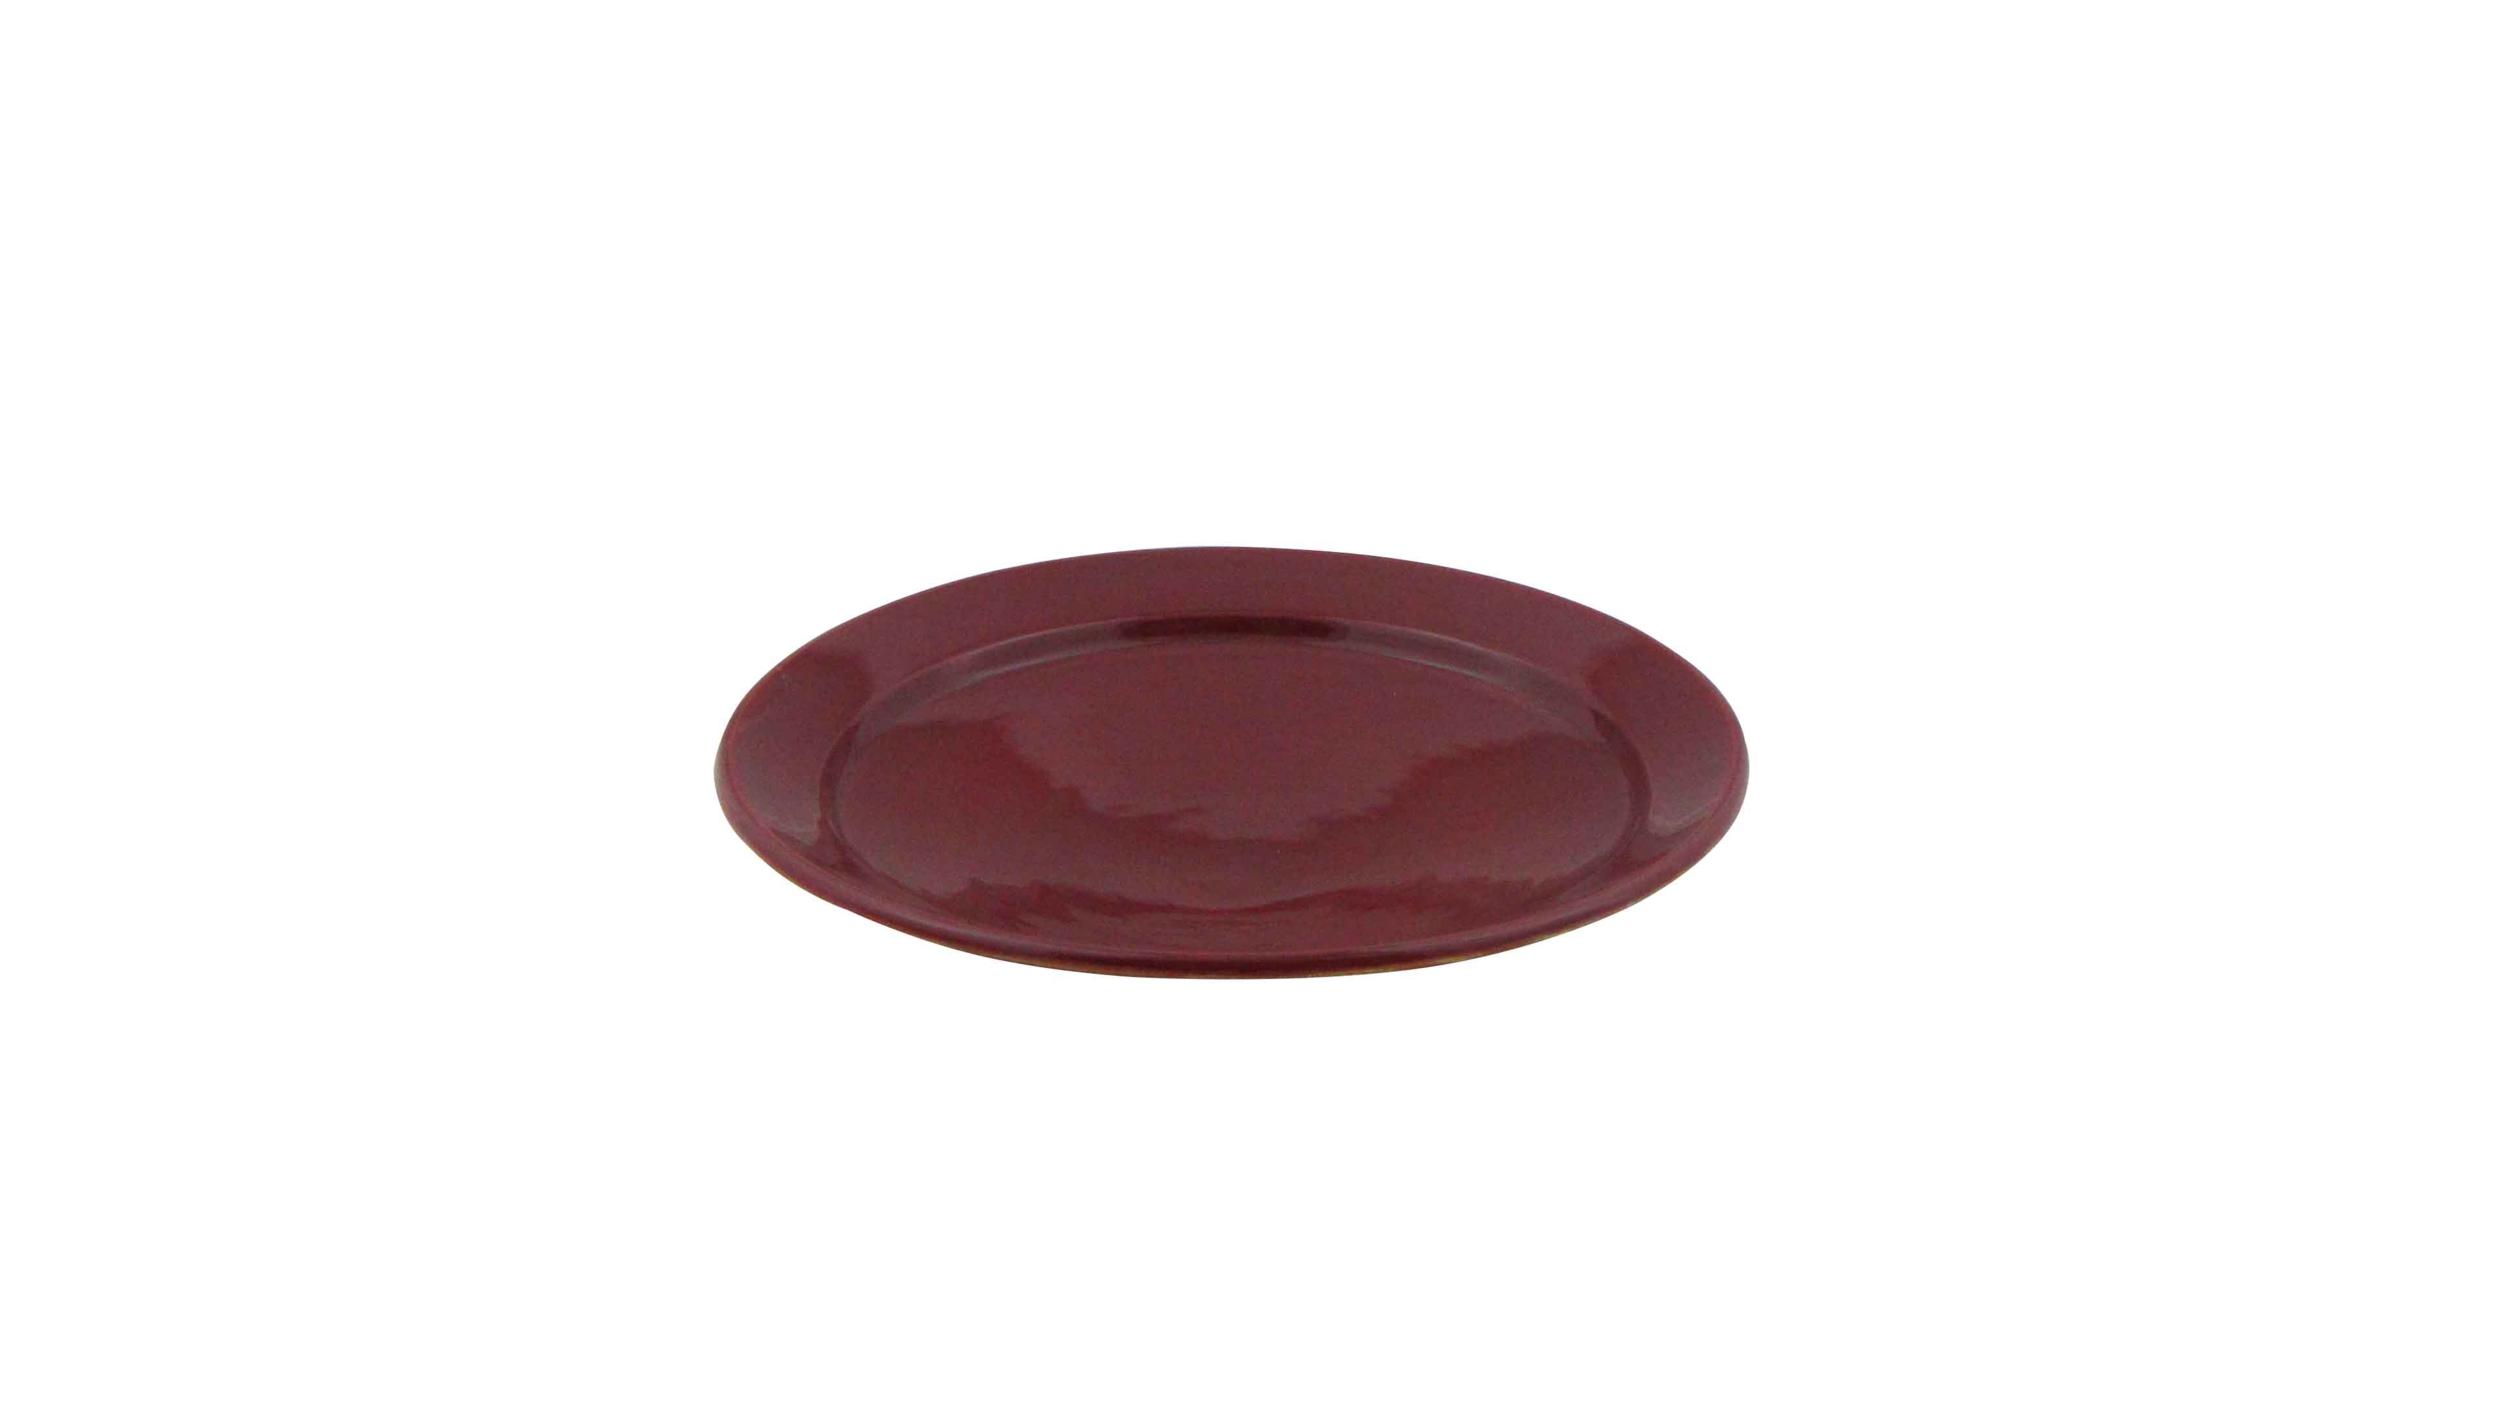 Plat-Assiette sur socle D26cm aubergine